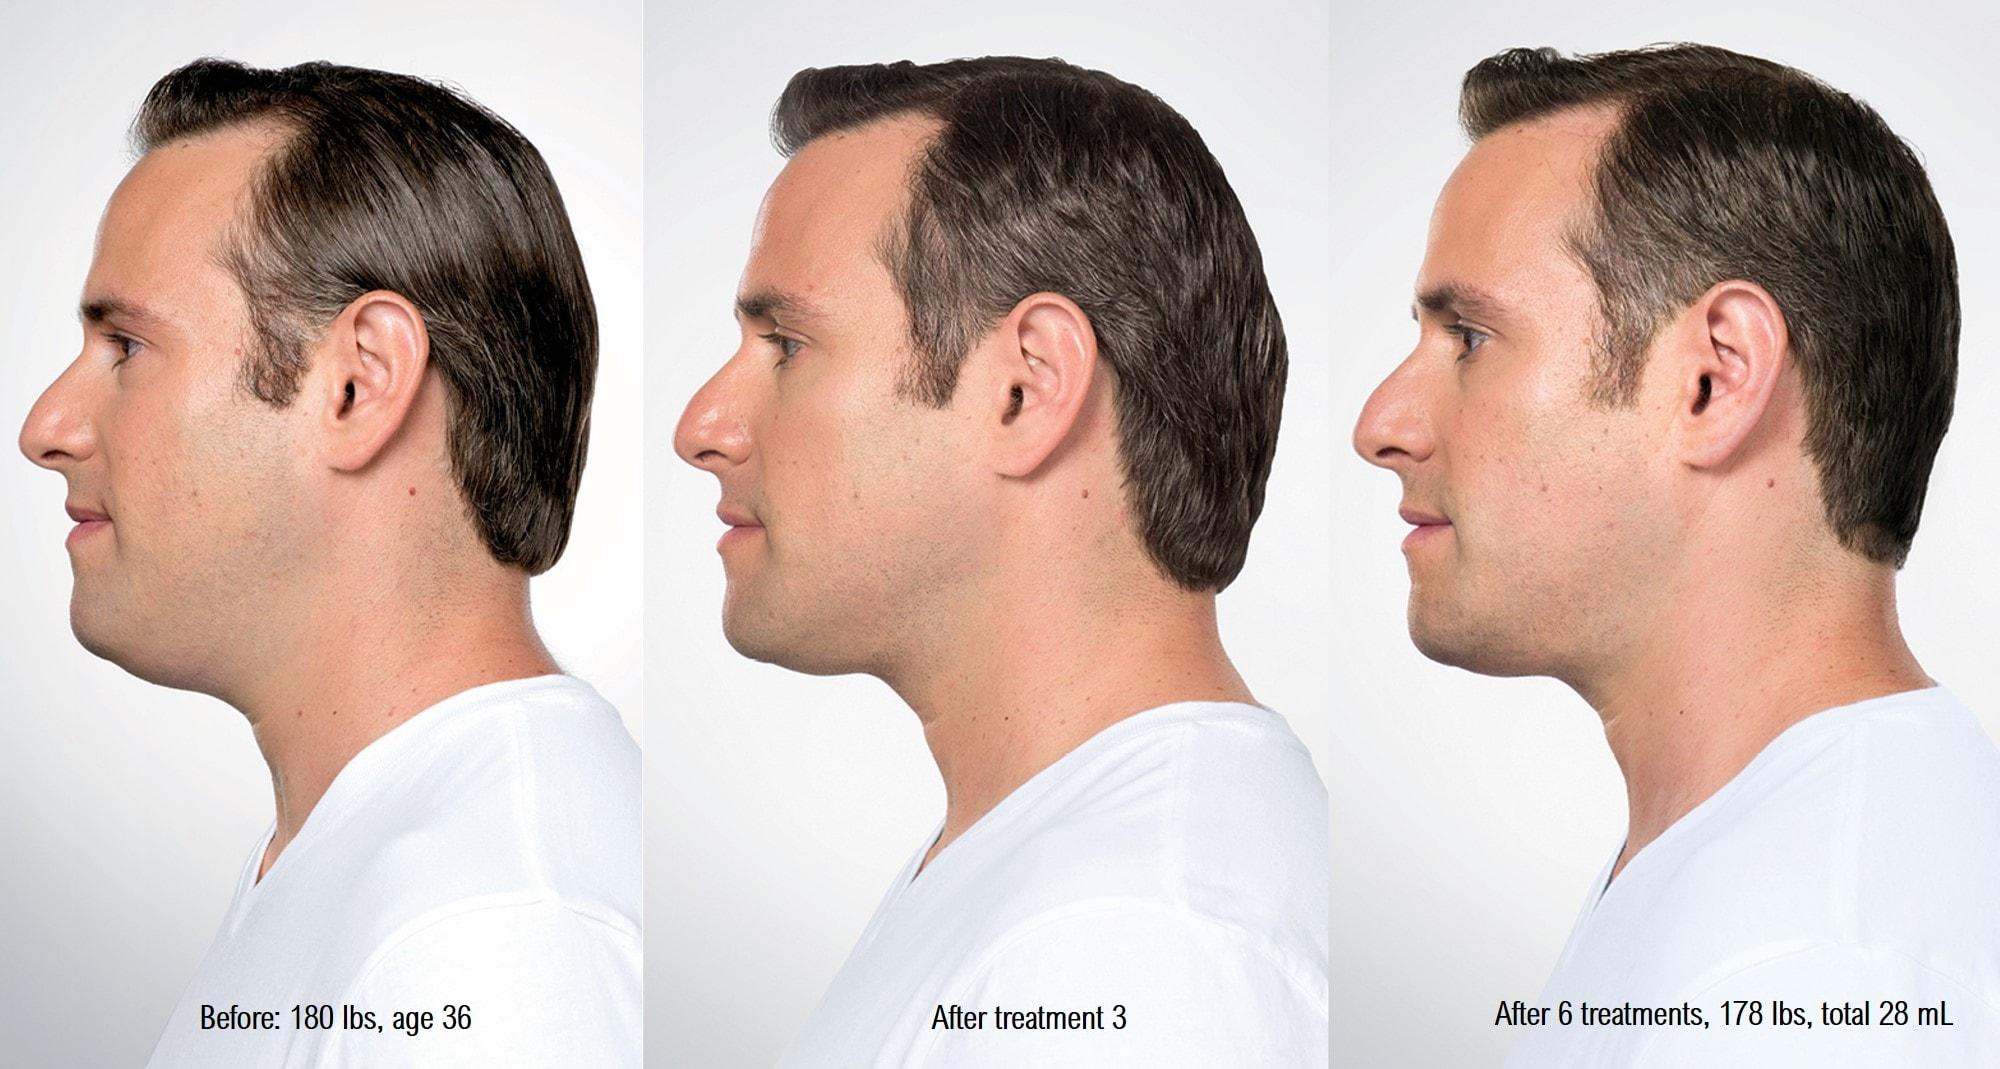 kybella-men-before-after-min.jpg